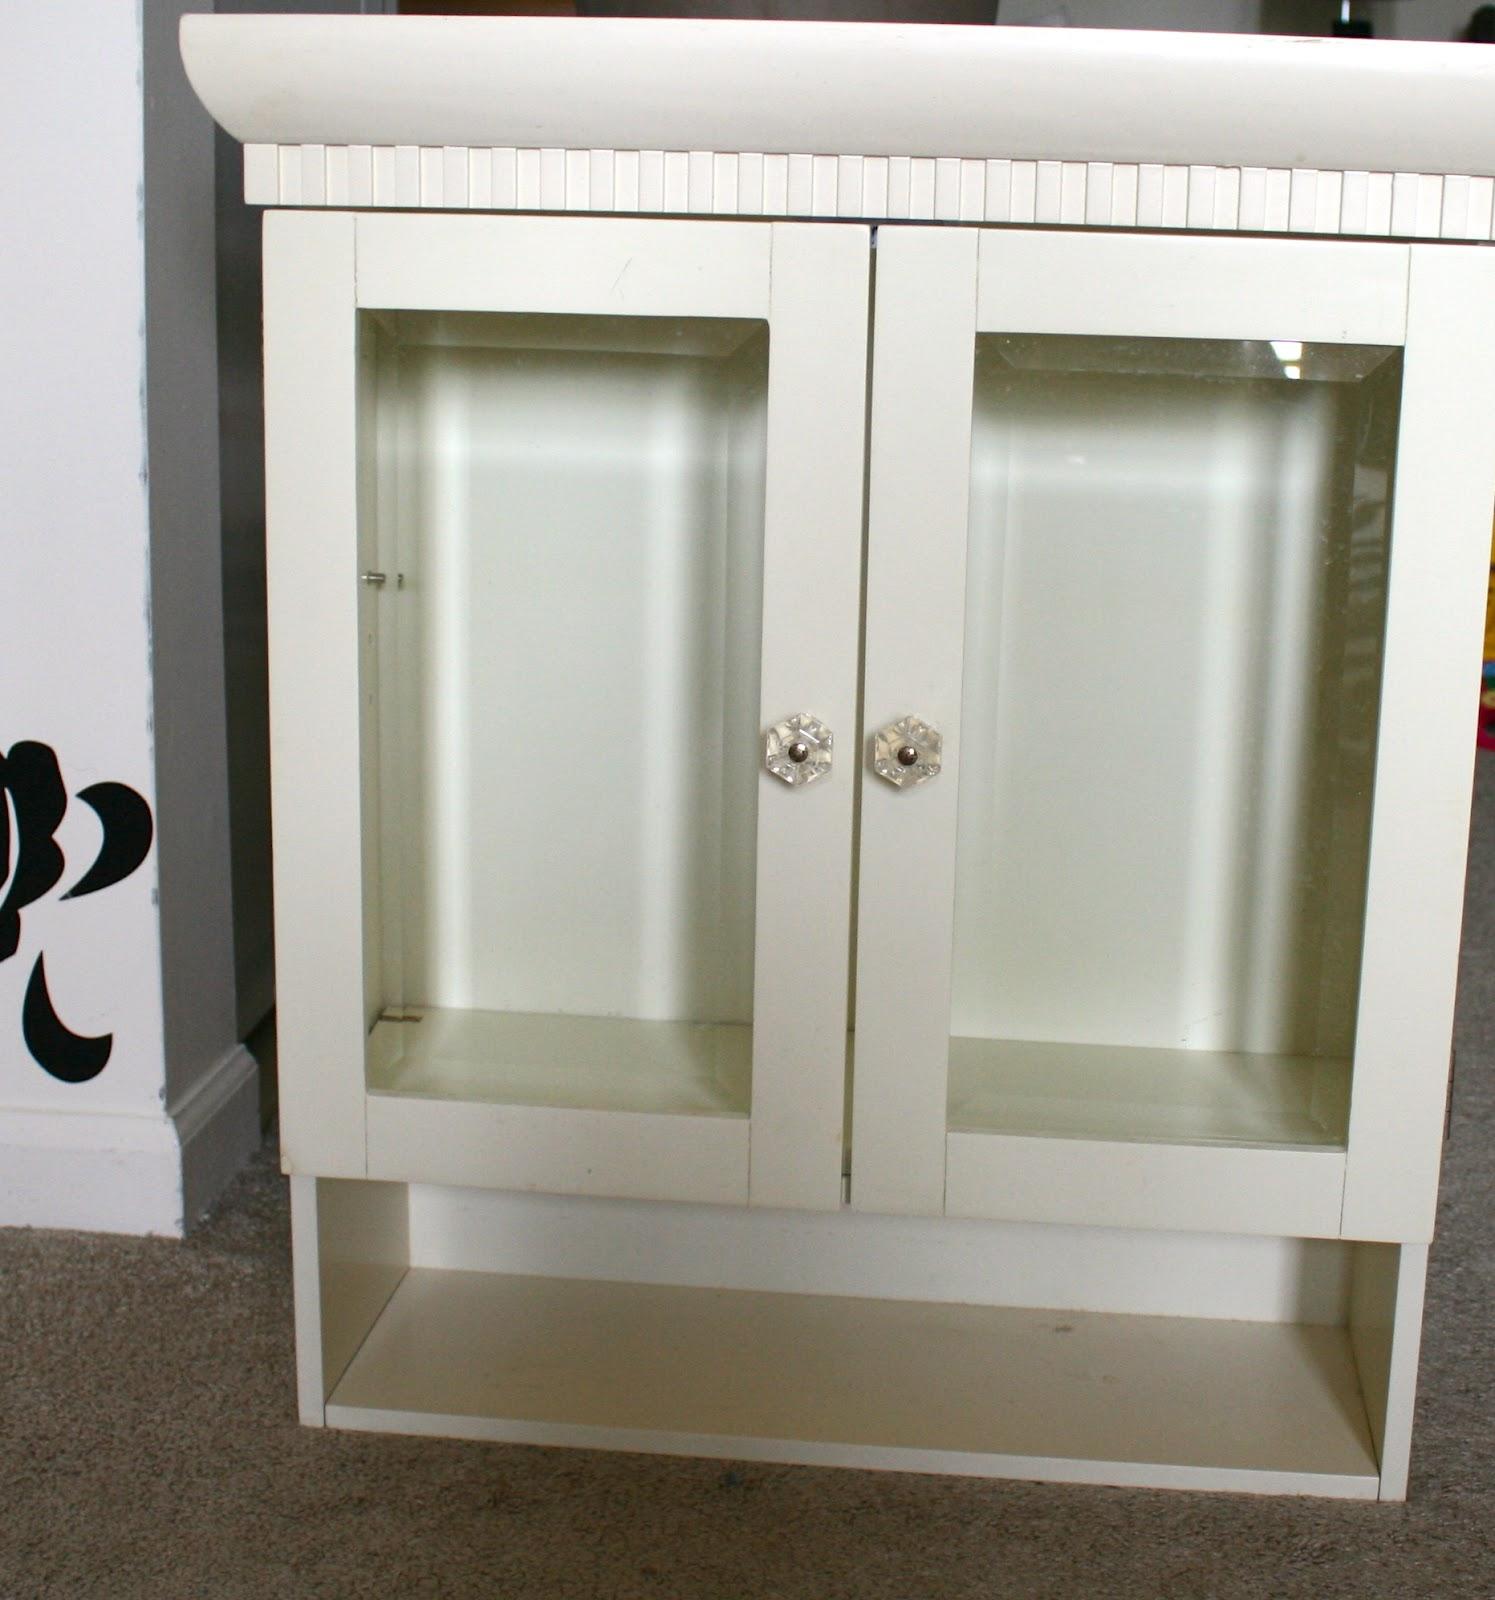 la vie DIY: DIY Bathroom Cabinet Makeover